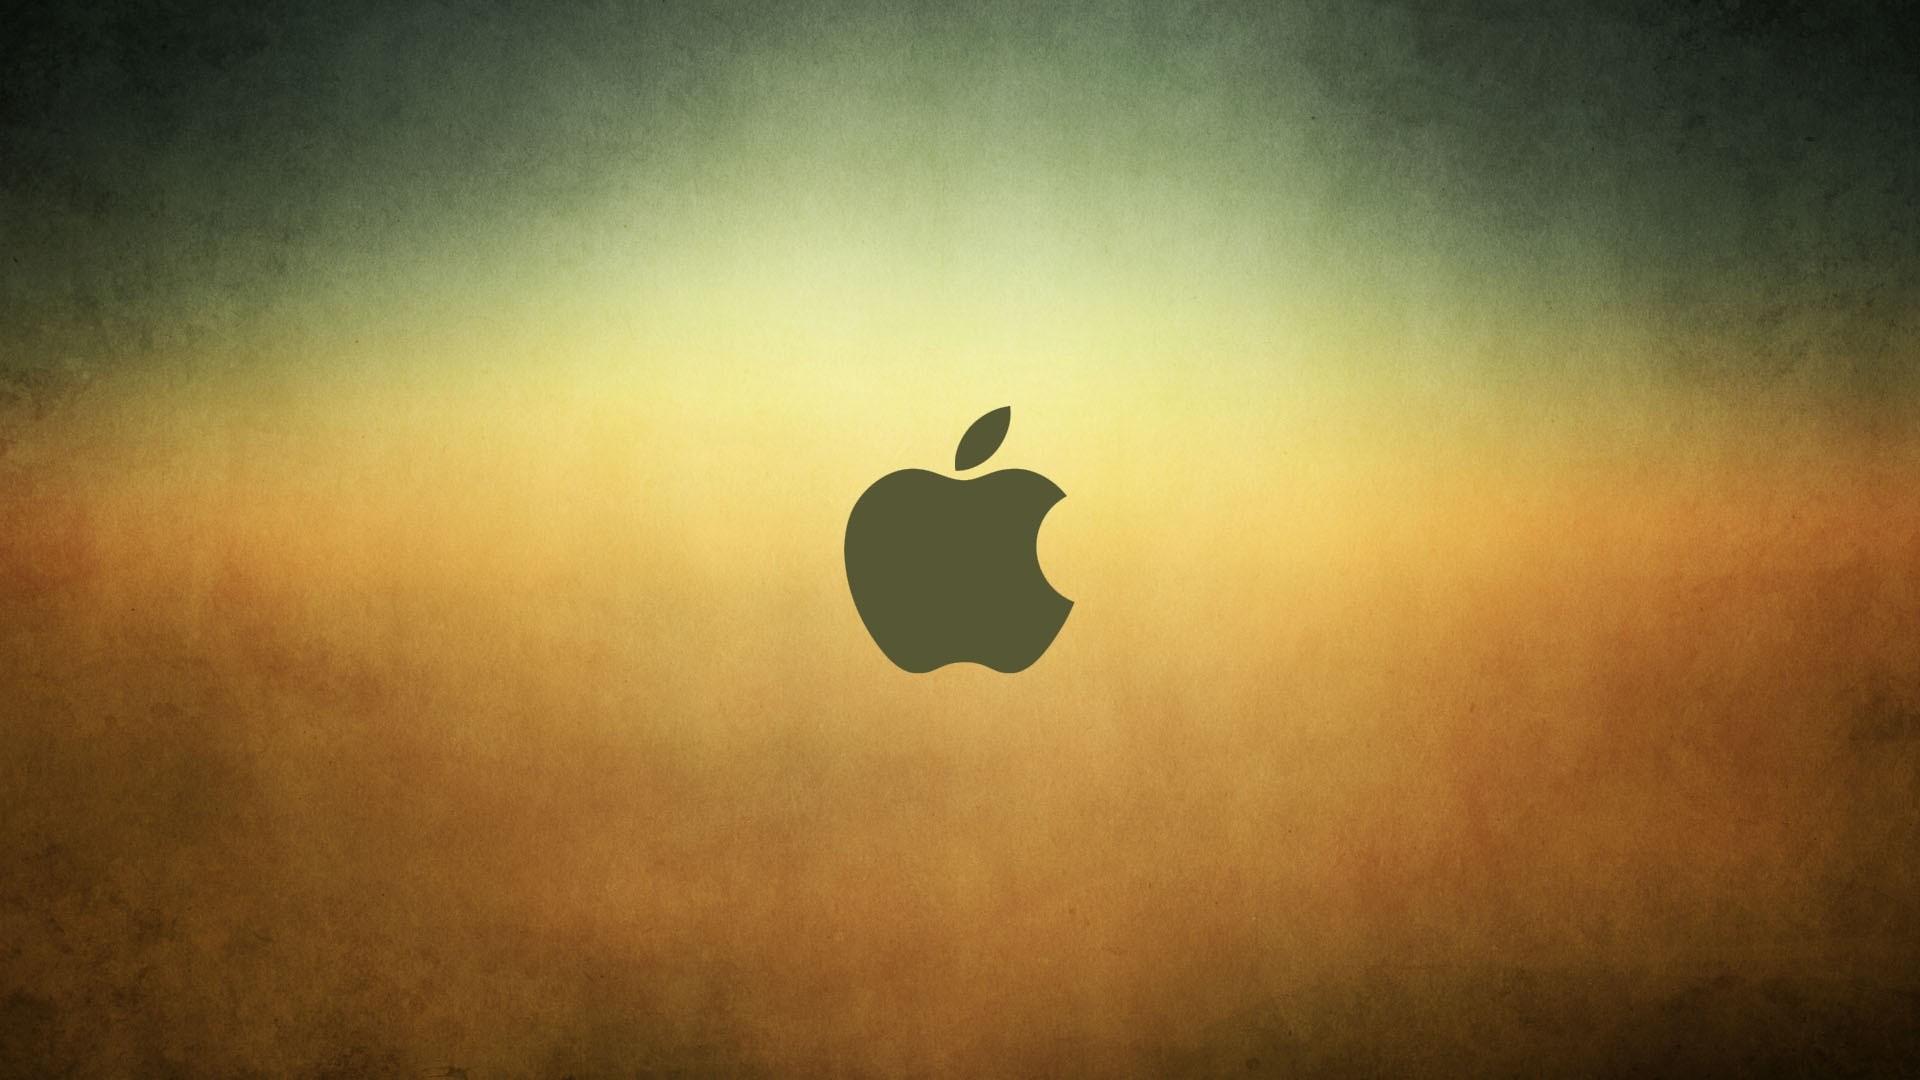 HD Apple Wallpaper